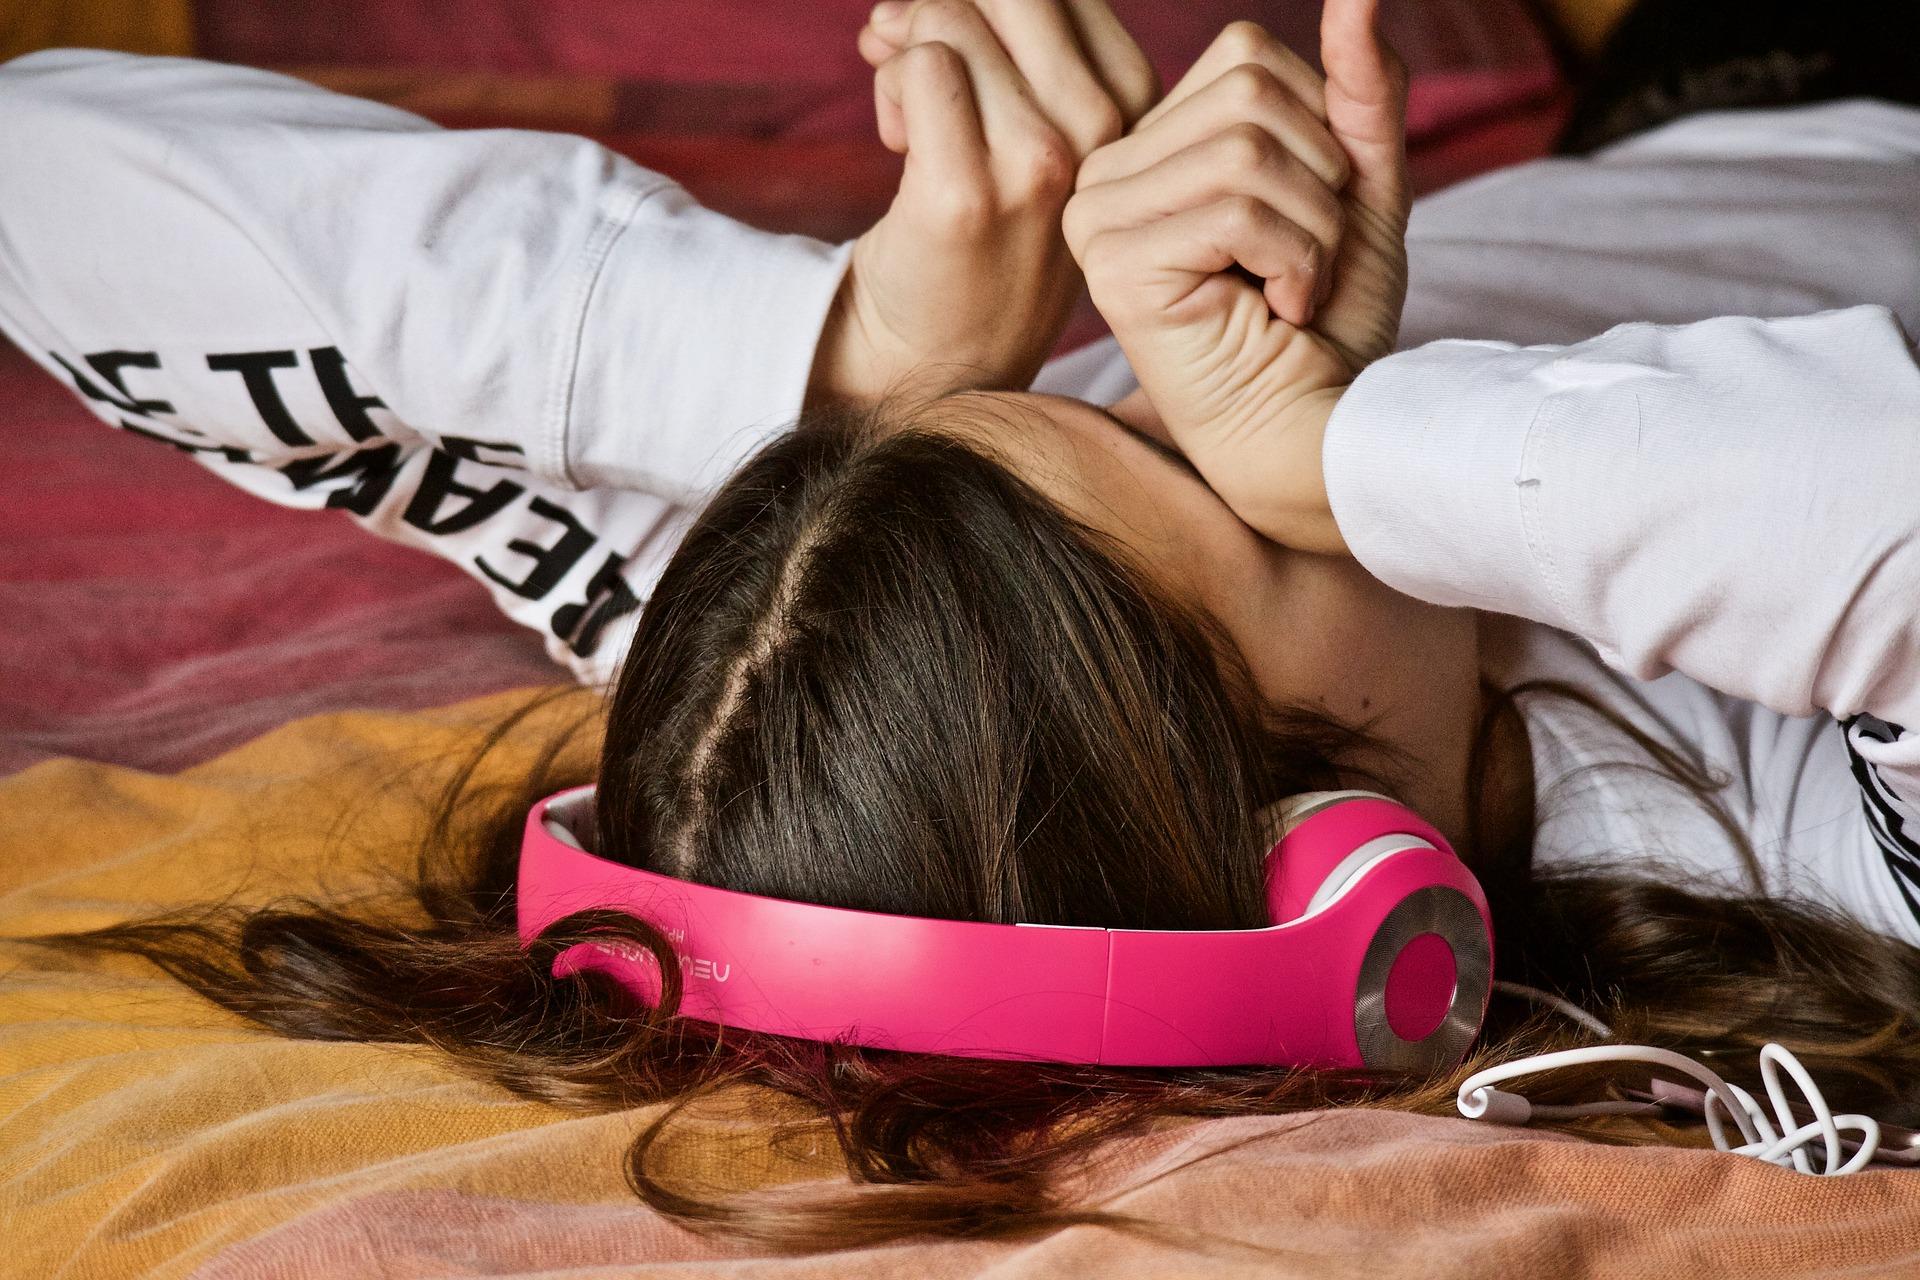 Pesquisa da UFC em Fortaleza mostra que 55% dos adolescentes têm sono insuficiente, e em torno de 48% relataram sonolência diurna excessiva (Foto: Pixabay)